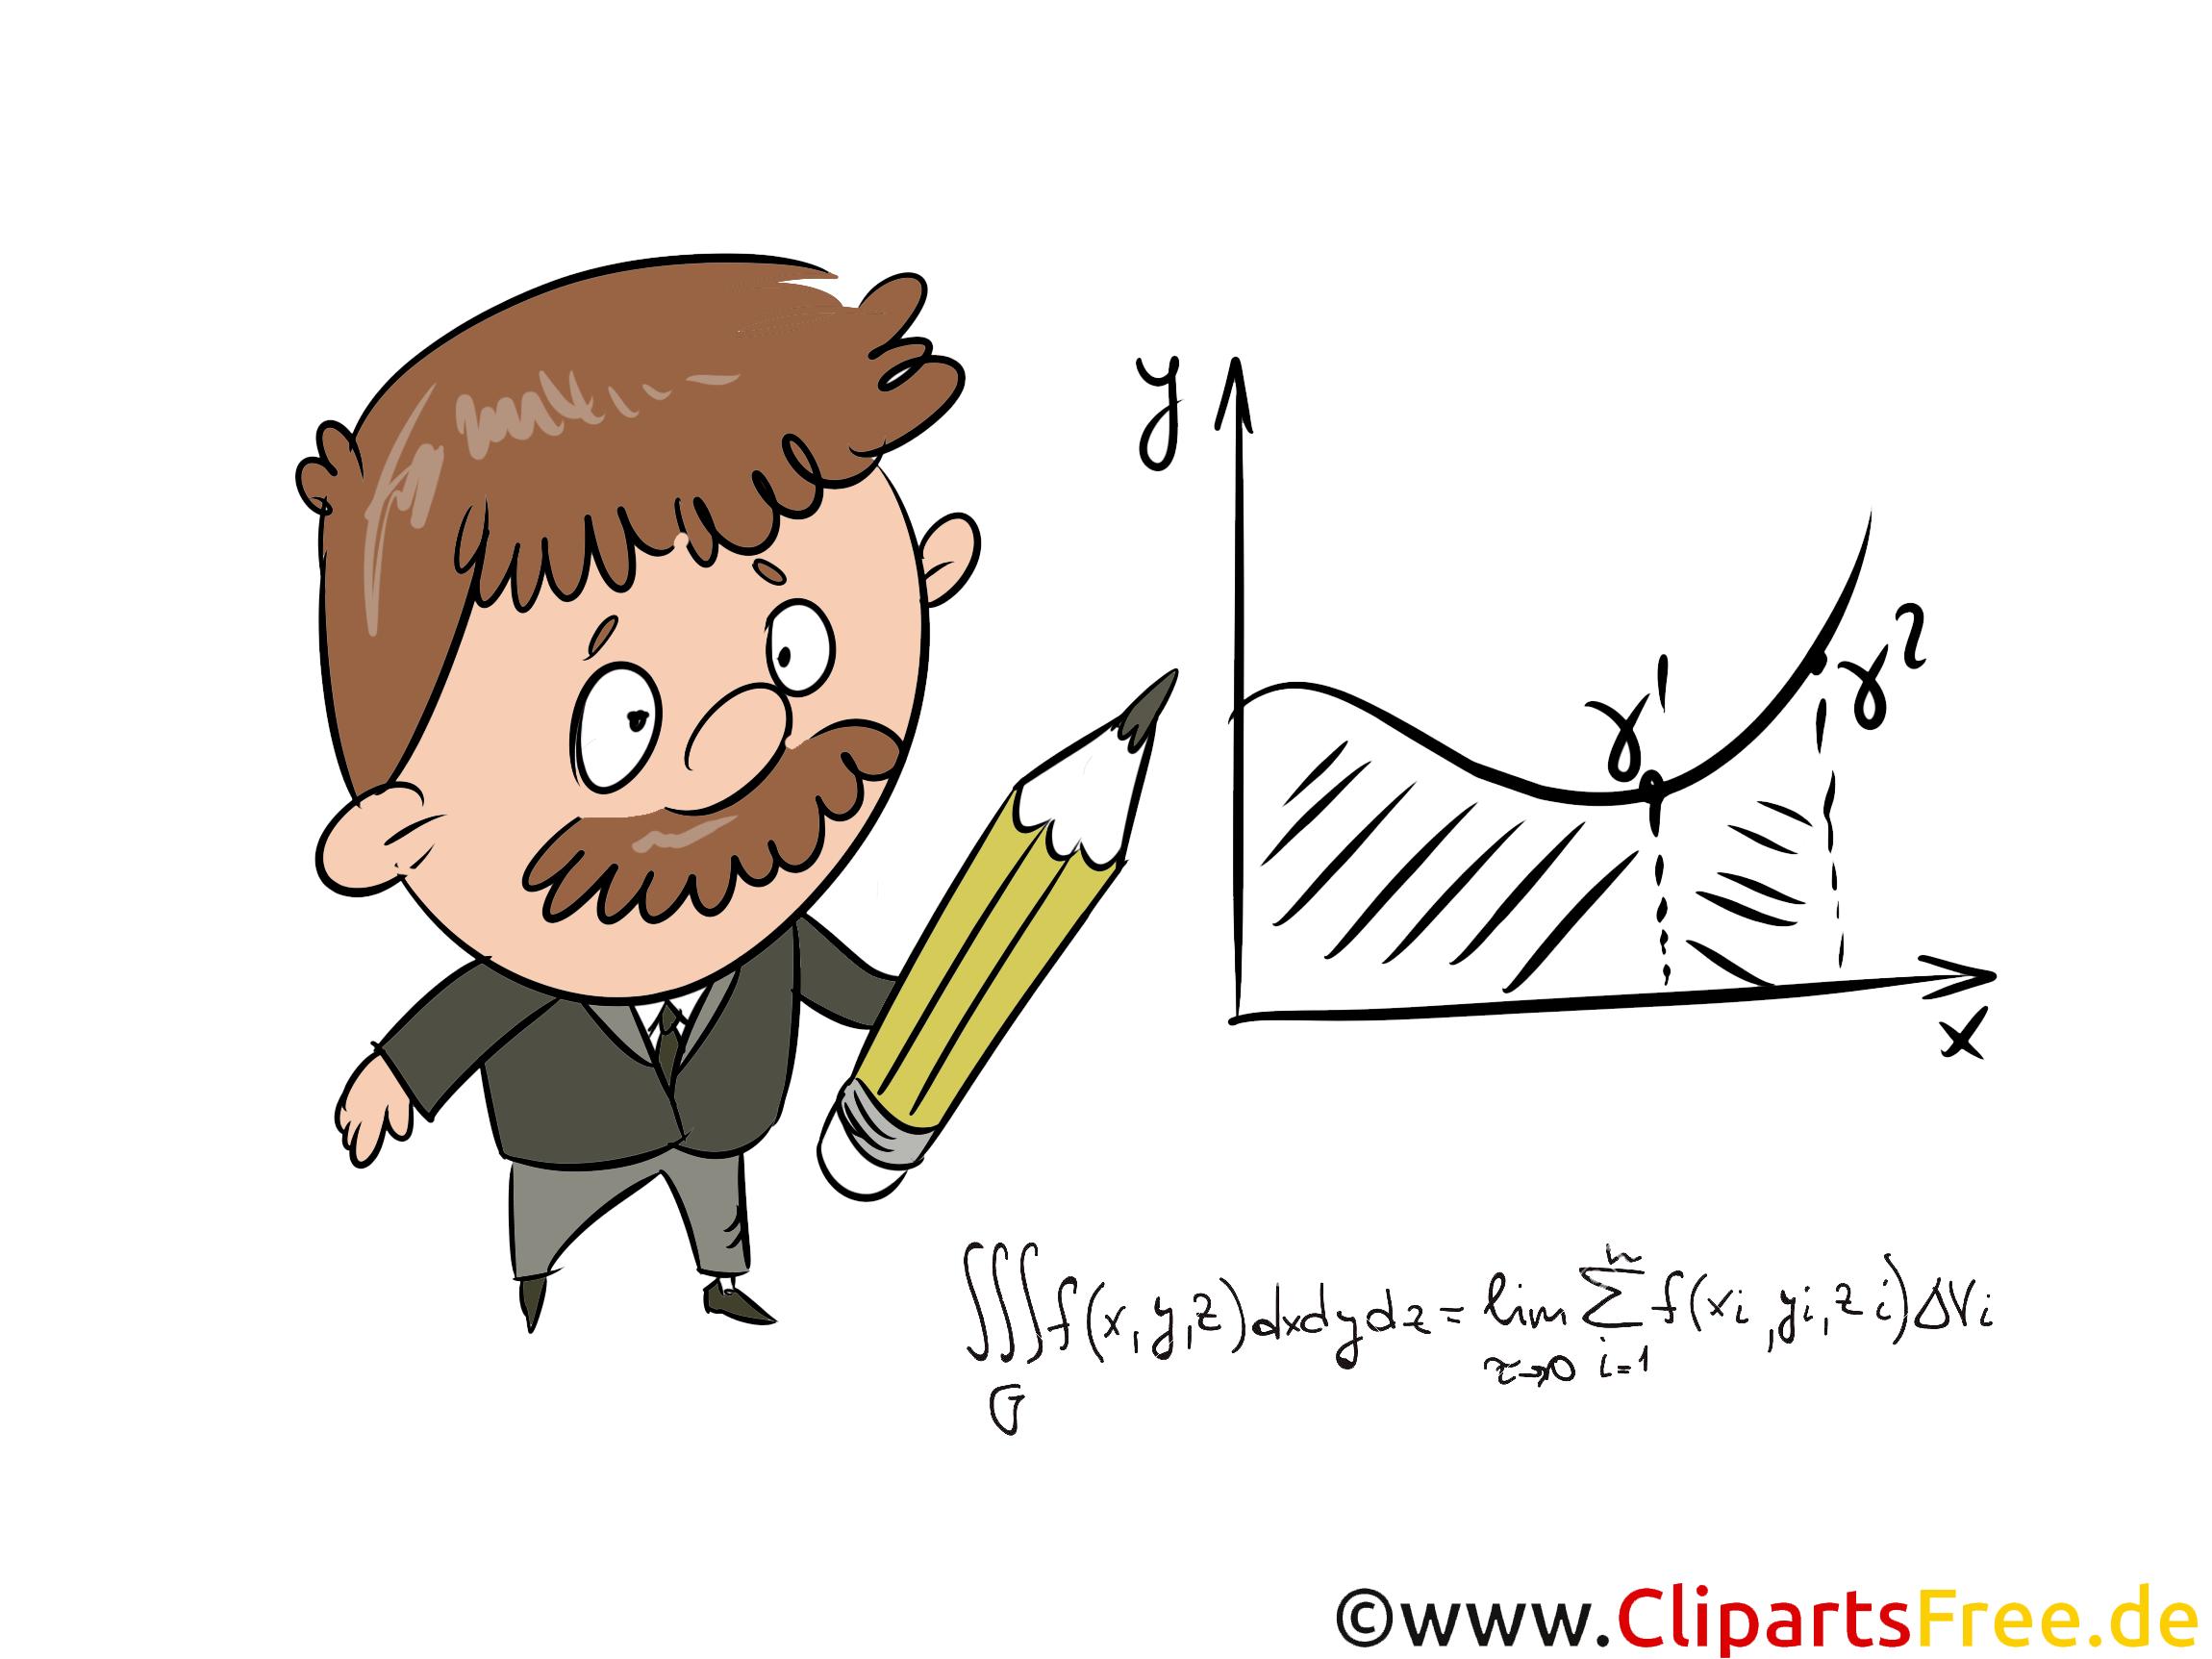 Mathe Unterricht Bild, Illustration, Clipart, Grafik